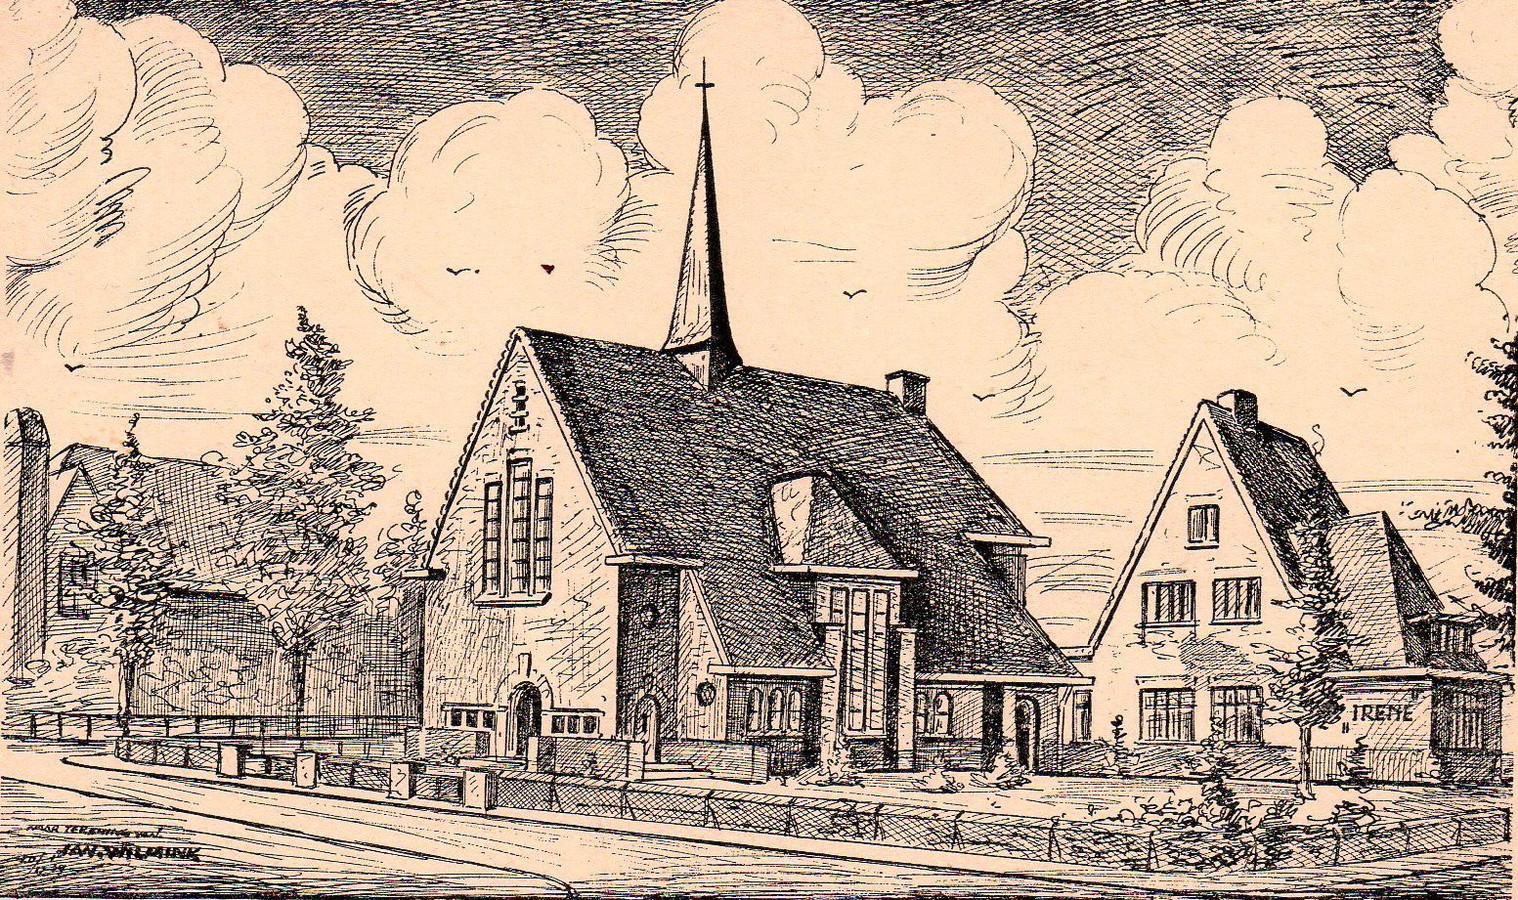 De Westerkerk, getekend door Jan Wilmink, gezien vanaf de hoek Dollardstraat/Lingestraat. De gereformeerde Westerkerk (nu gereformeerde kerk vrijgemaakt) werd gebouwd in 1939-1940.